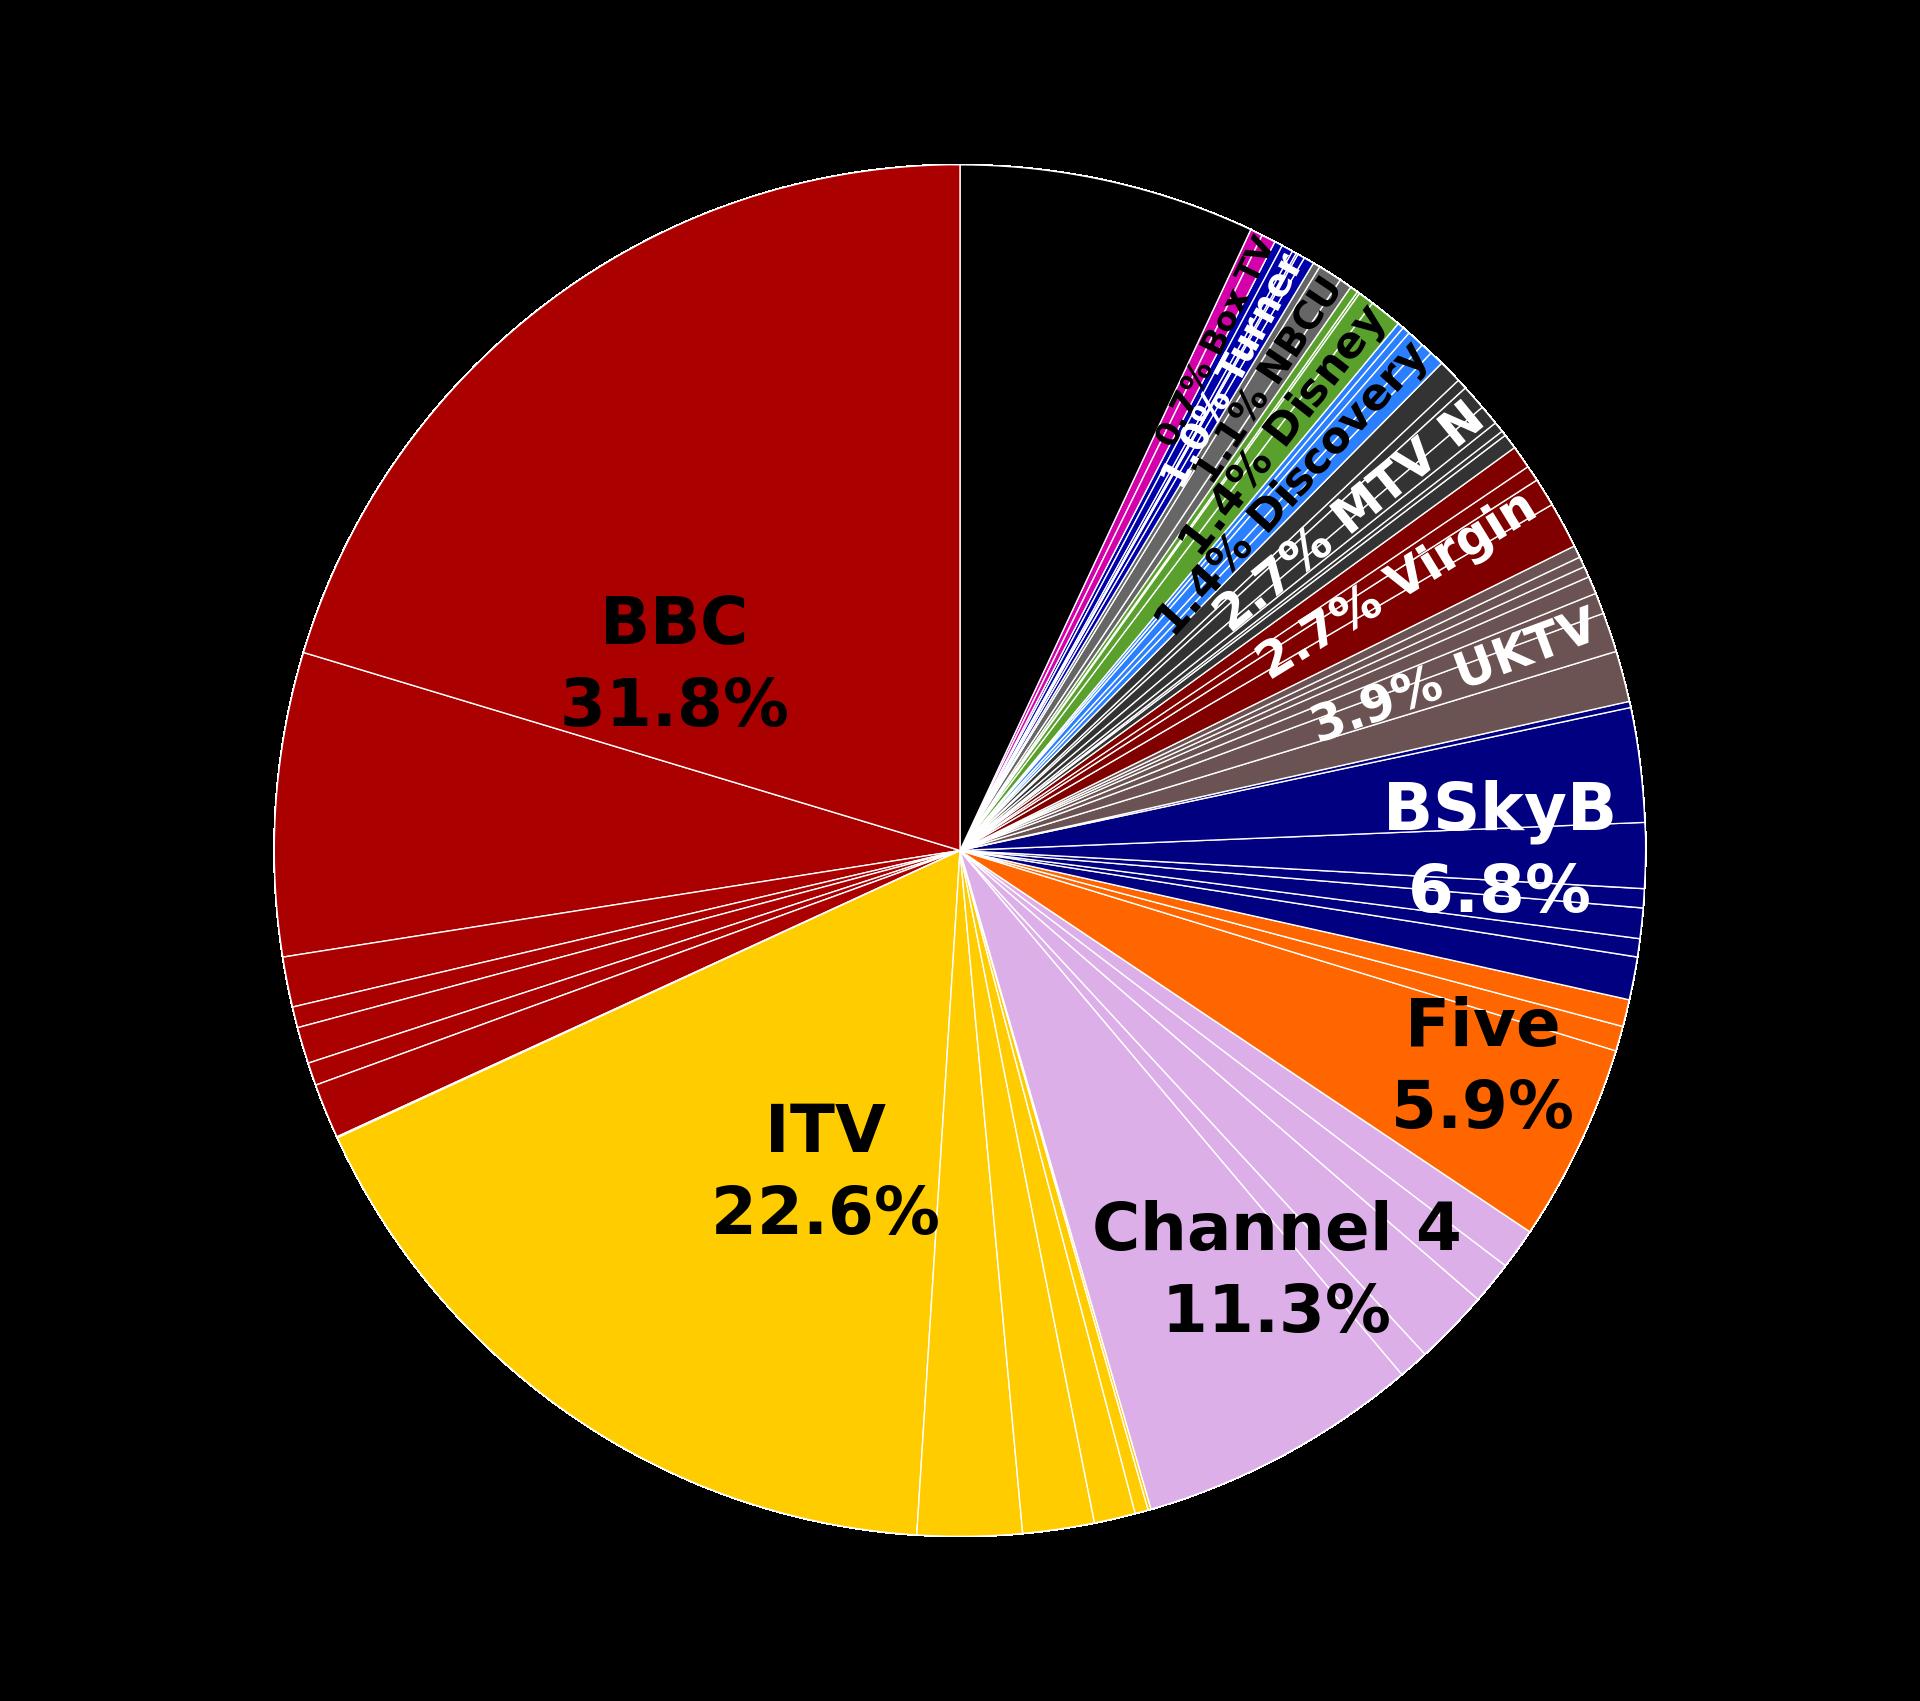 Трёхкиловаттные чайники, телевидение без рекламы, или почему британские энергетики смотрят мыльные оперы на работе - 5